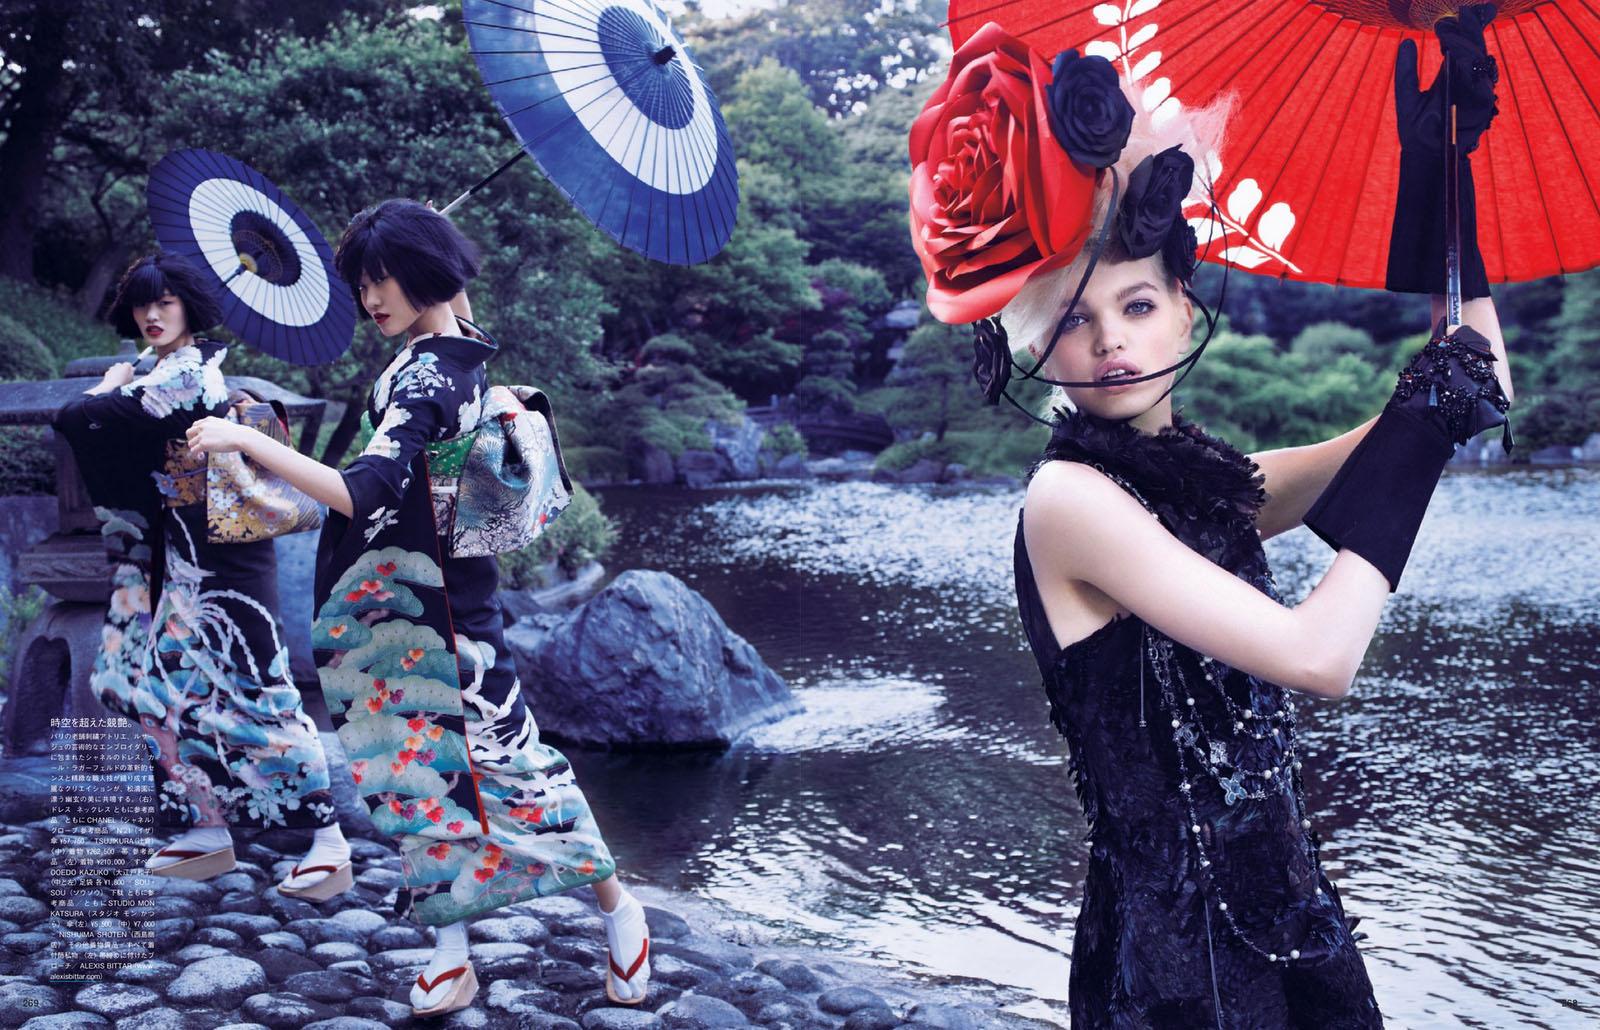 Giovanna-Battaglia-6-The-Secret-Chatter-of-Golden-Monkeys-Vogue-Japan-Mark-Segal.jpg